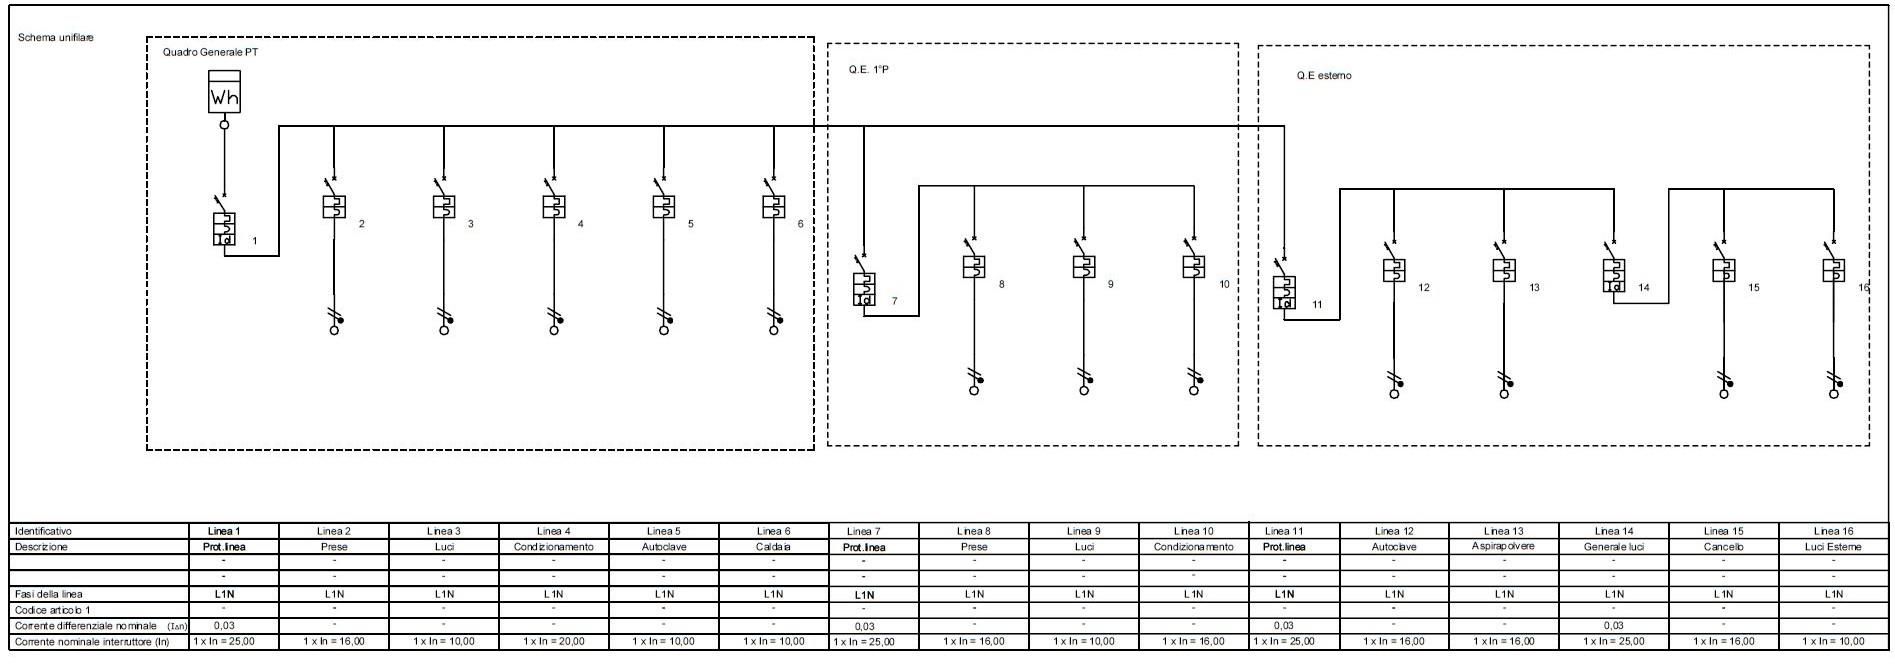 Schemi Elettrici Free : Software free quadri elettrici salvatore patti